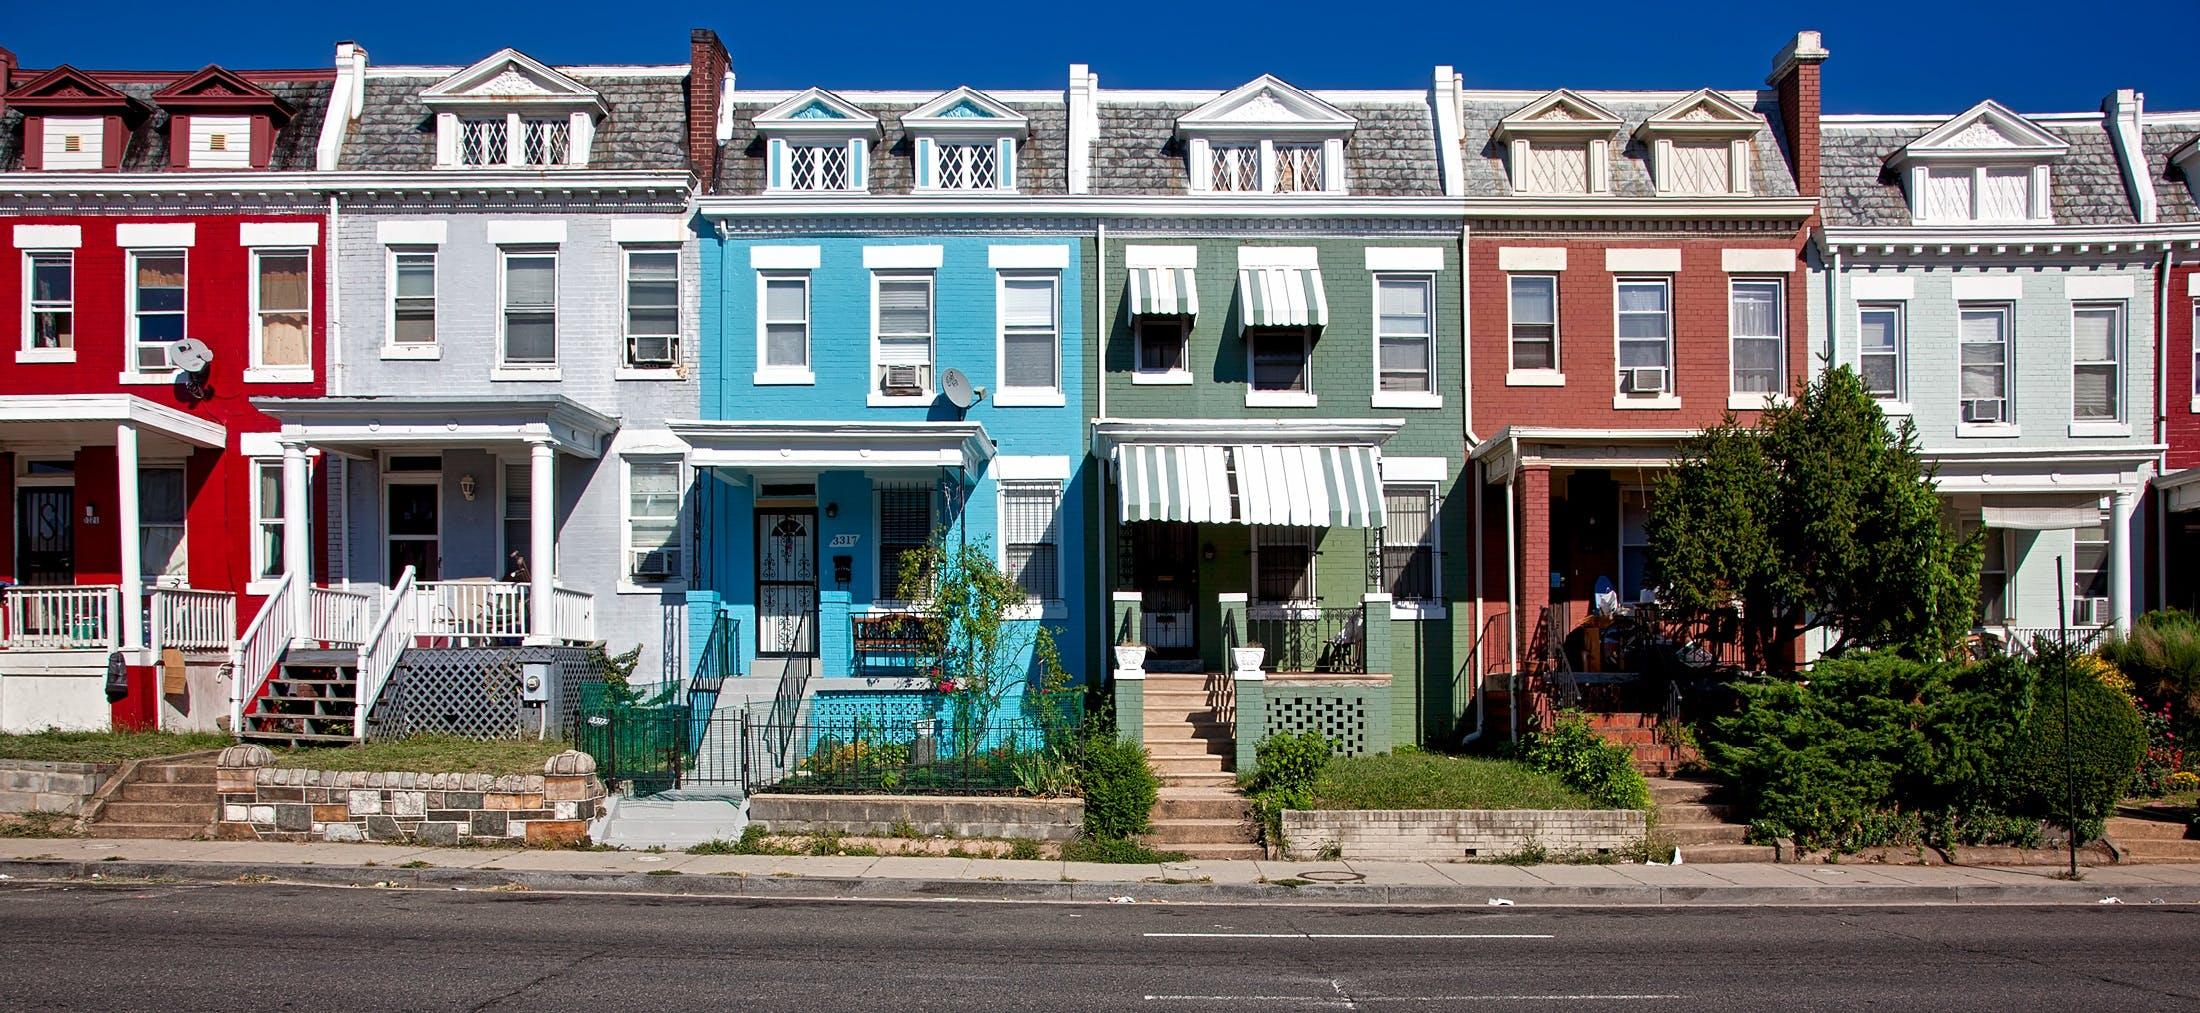 Δωρεάν στοκ φωτογραφιών με αρχιτεκτονική, γειτονιά, κτήρια, πανοραμικός